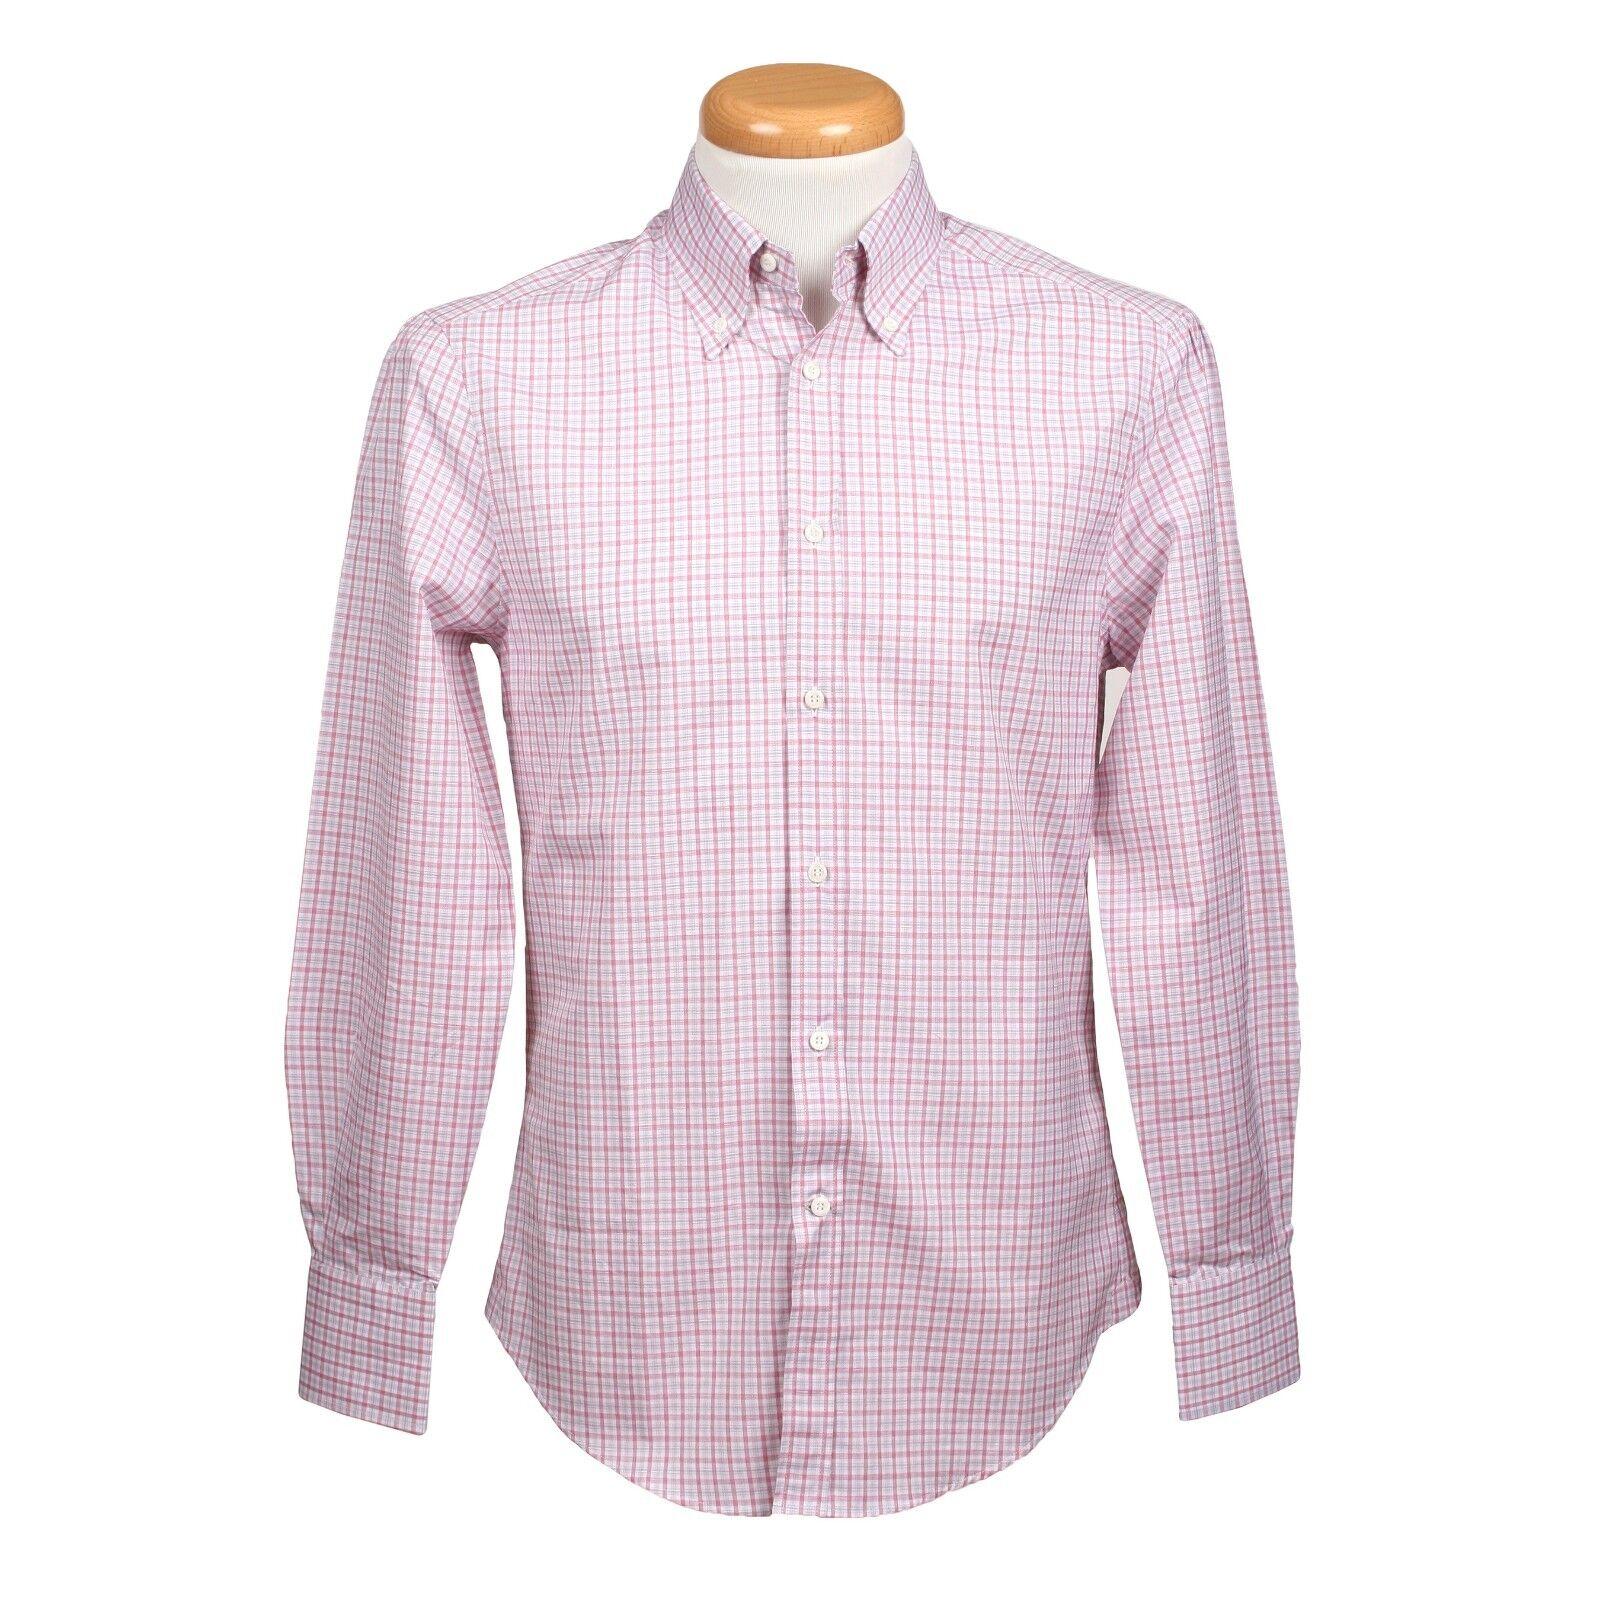 Brunello Cucinelli 100% Cotton Enge Passform Langärmliges Freizeithemd   | Spielzeug mit kindlichen Herzen herstellen